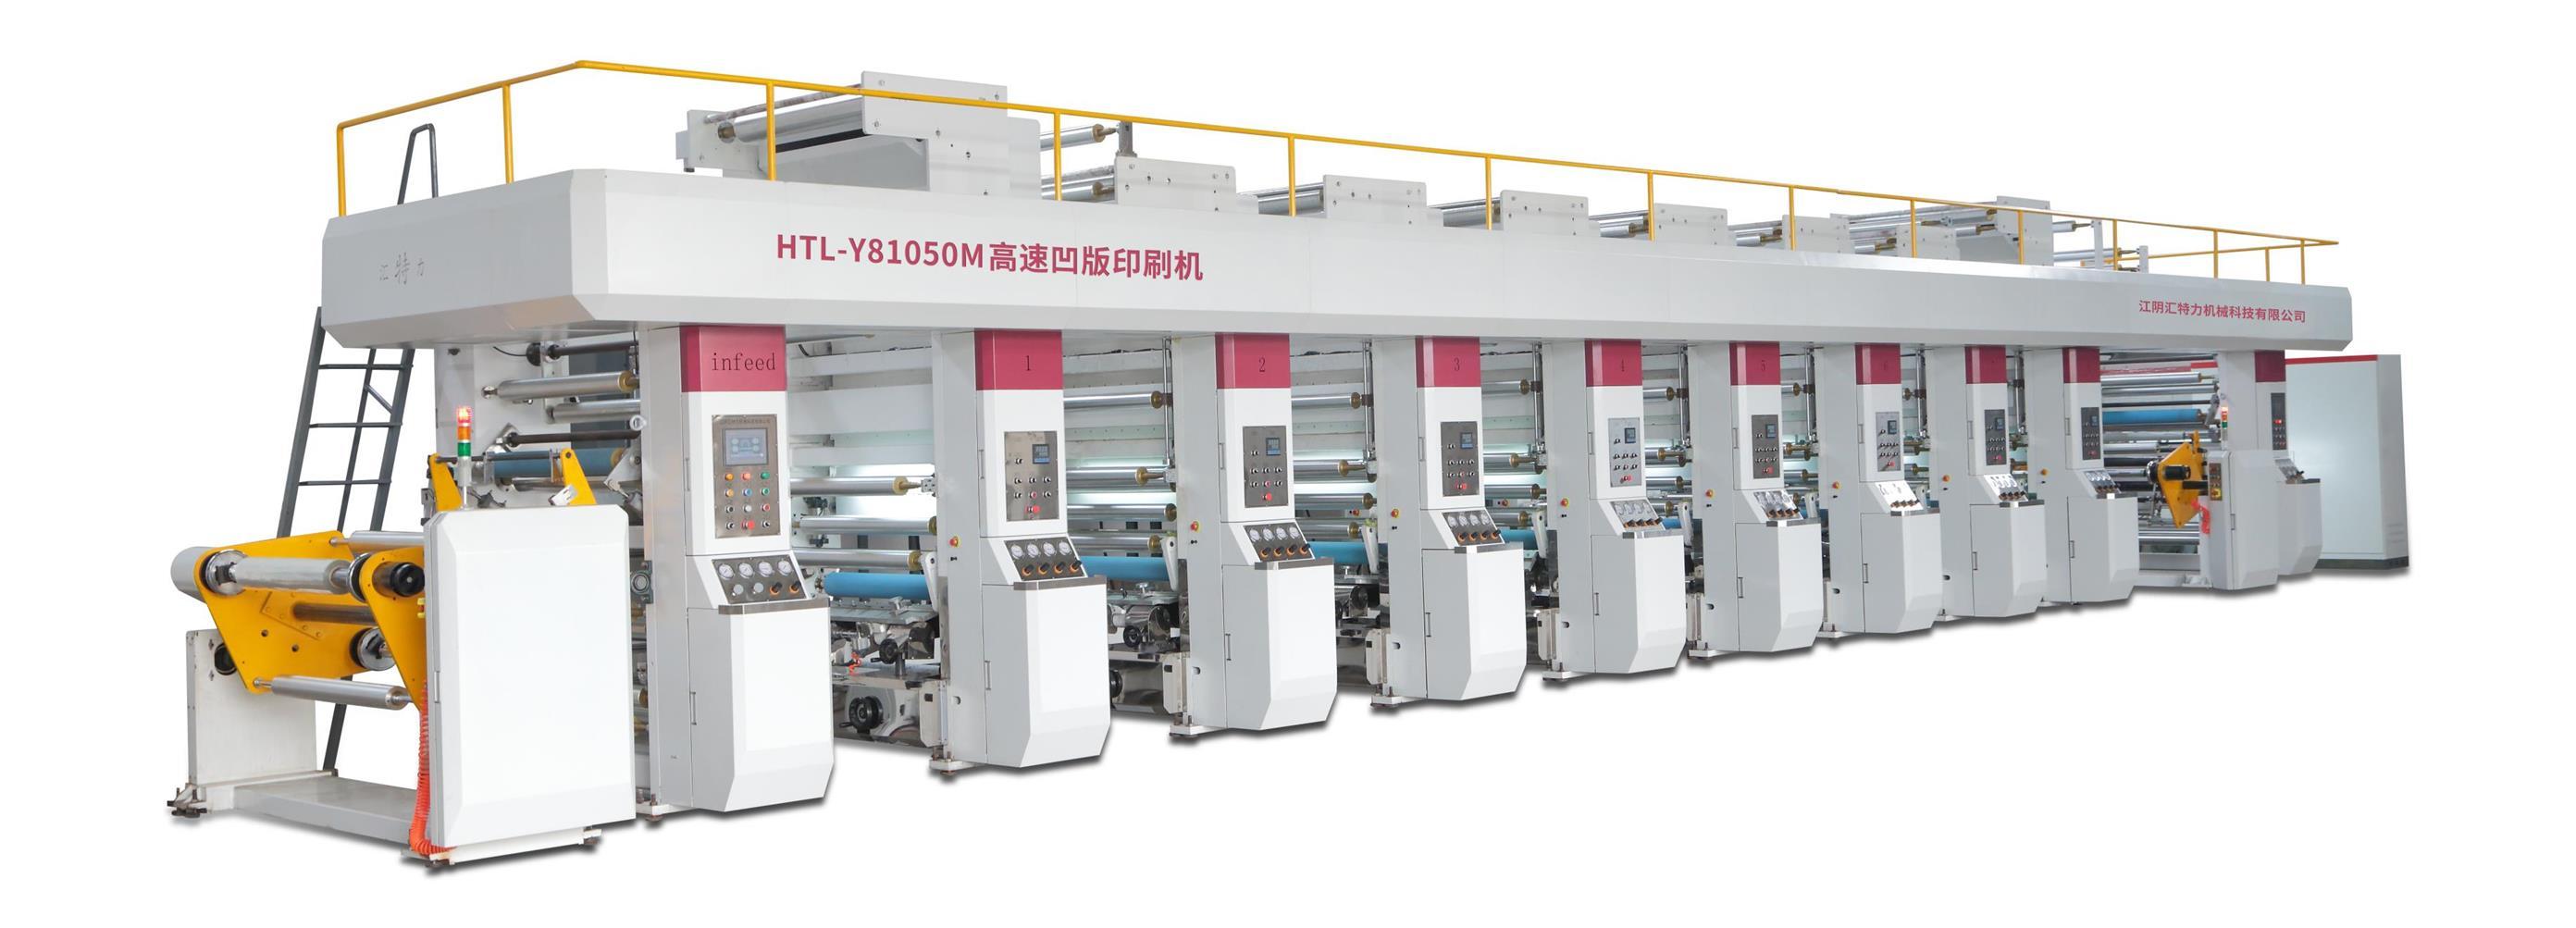 江阴汇特力HTL-Y81050M高速凹版可定制多色八色印刷机